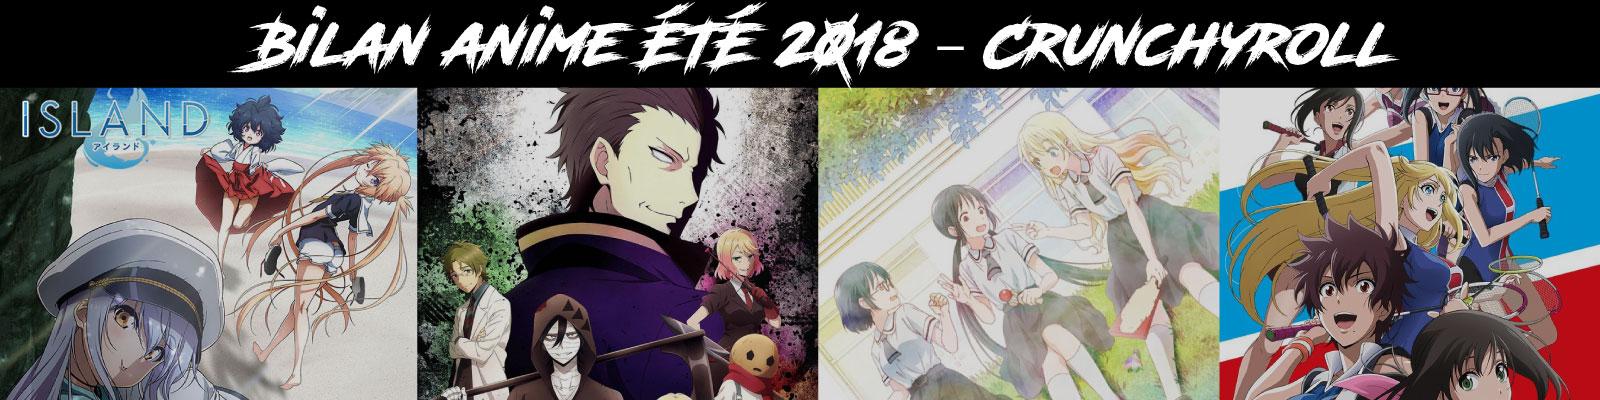 Bilan anime été 2018 - Crunchyroll